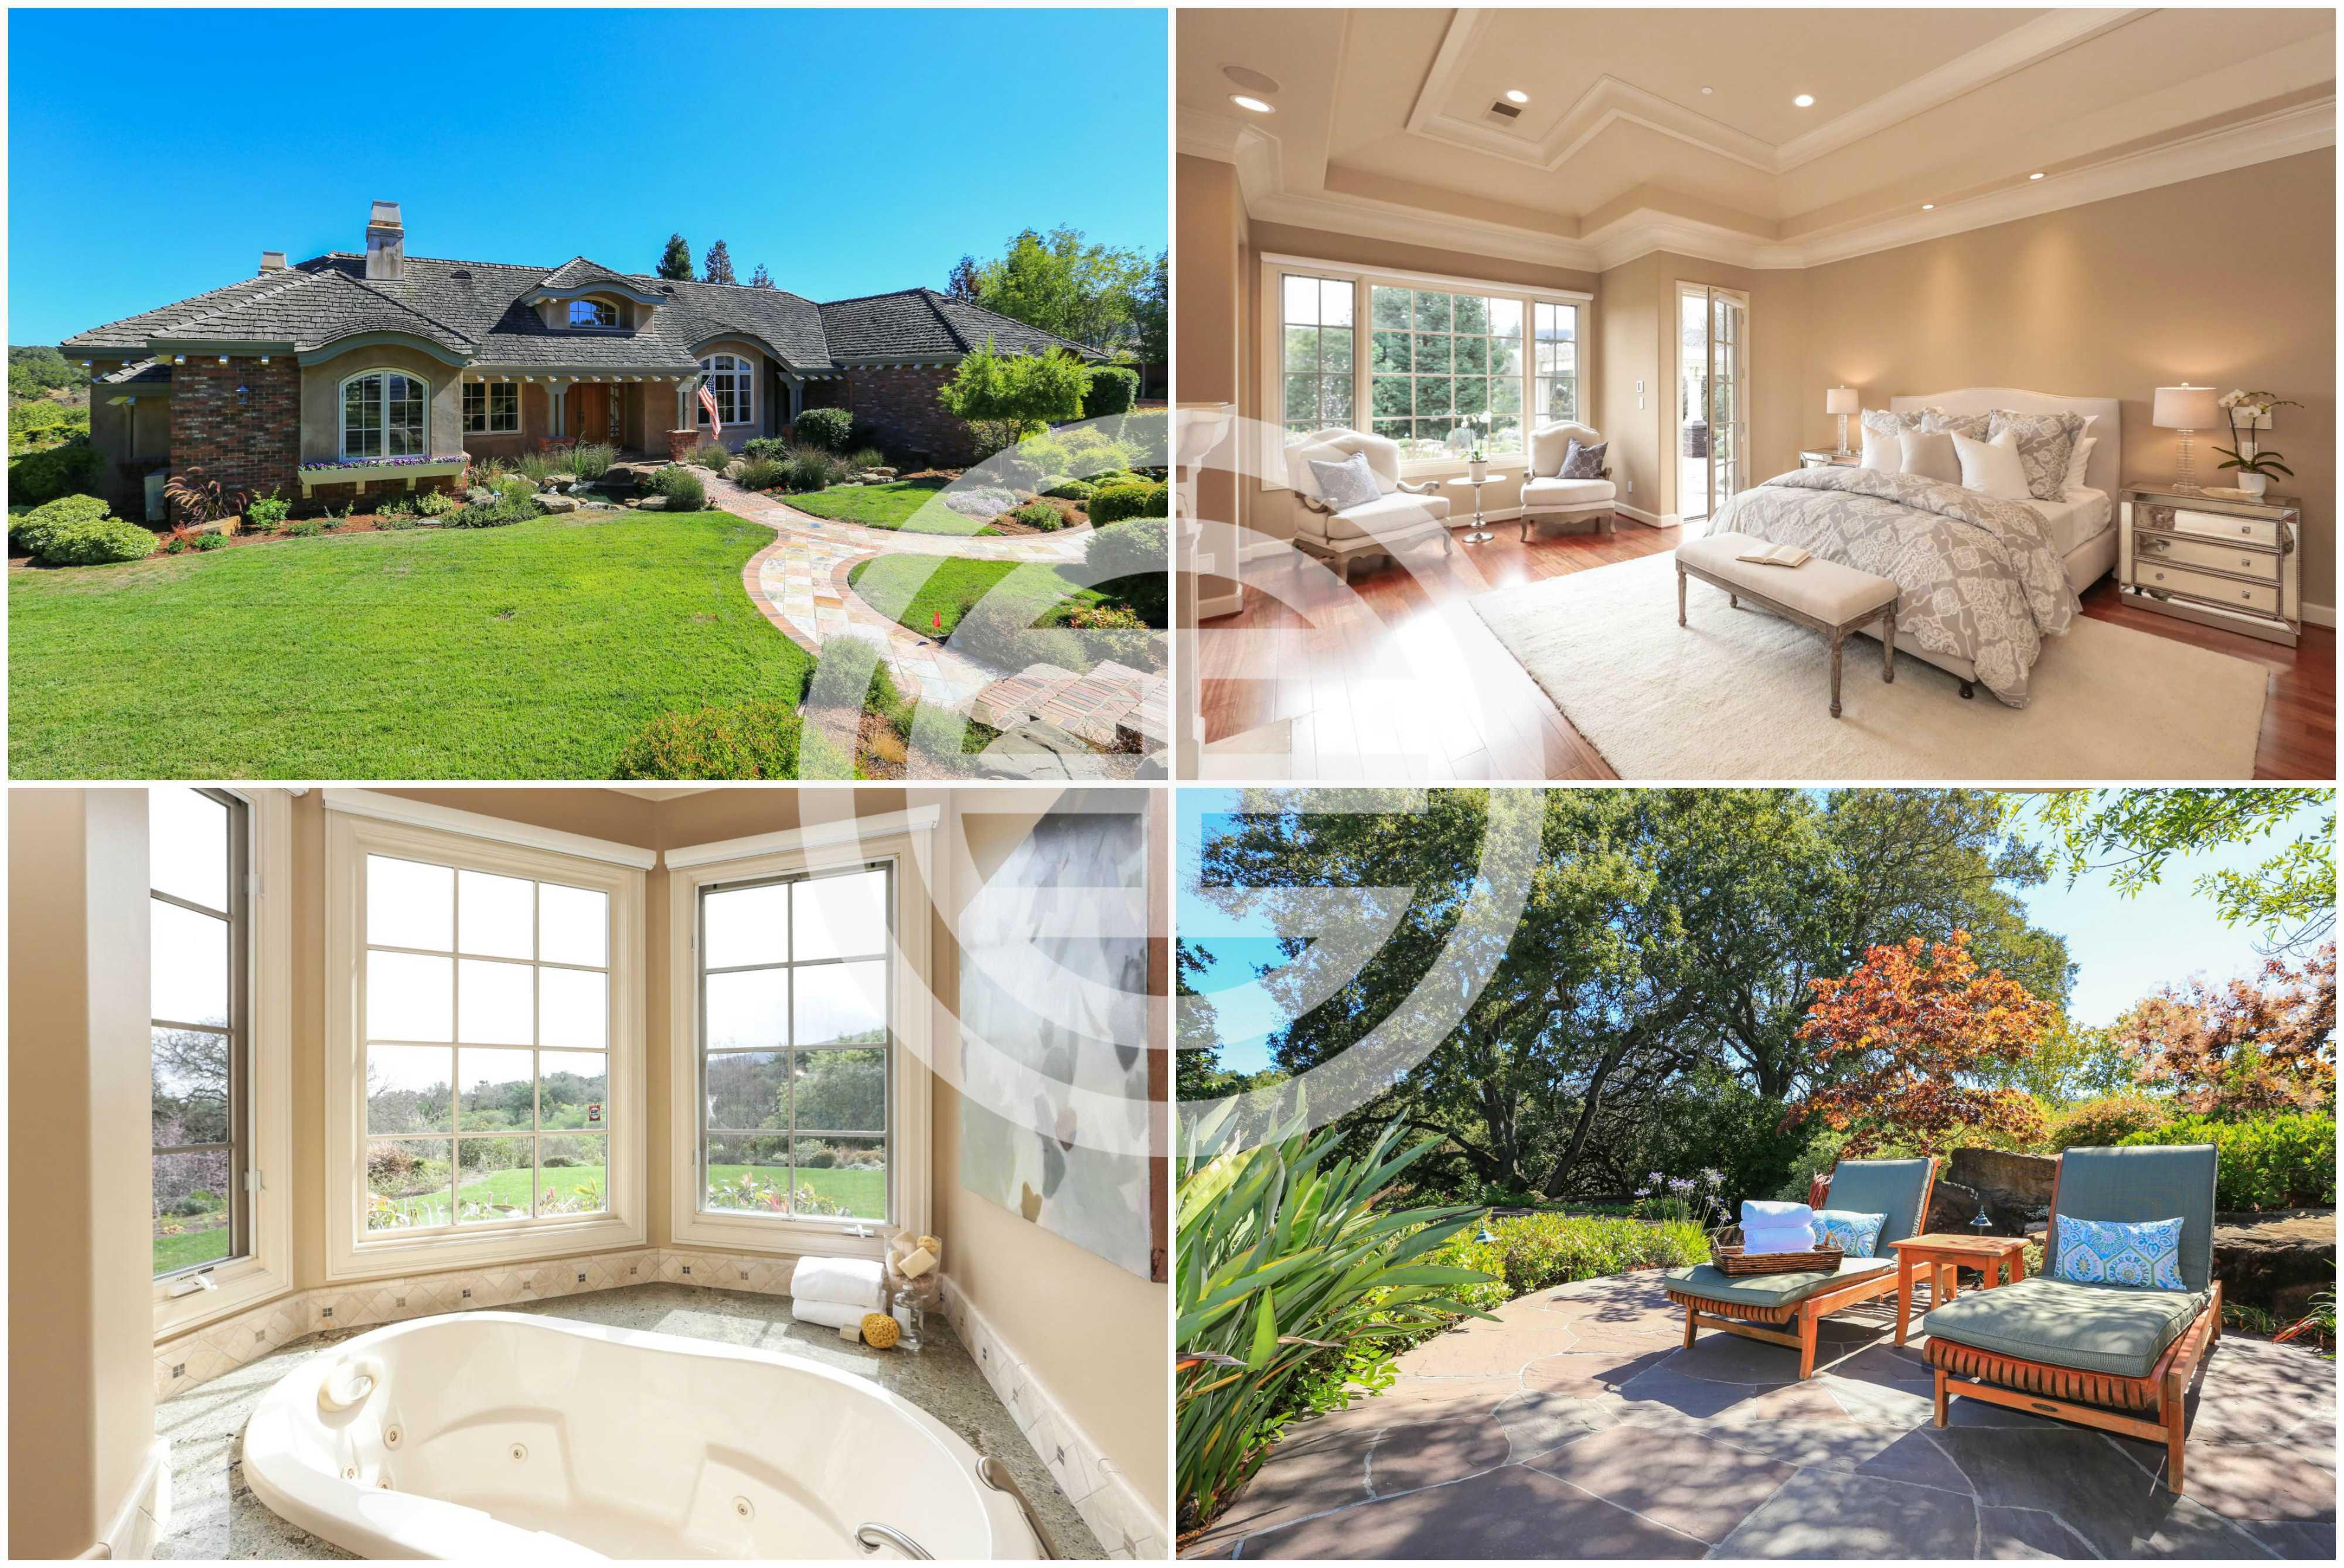 正在居外网上挂牌出售的旧金山湾区洛斯阿图斯山6卧5卫房产——日出农场庄园(Sunrise Farm Estate)